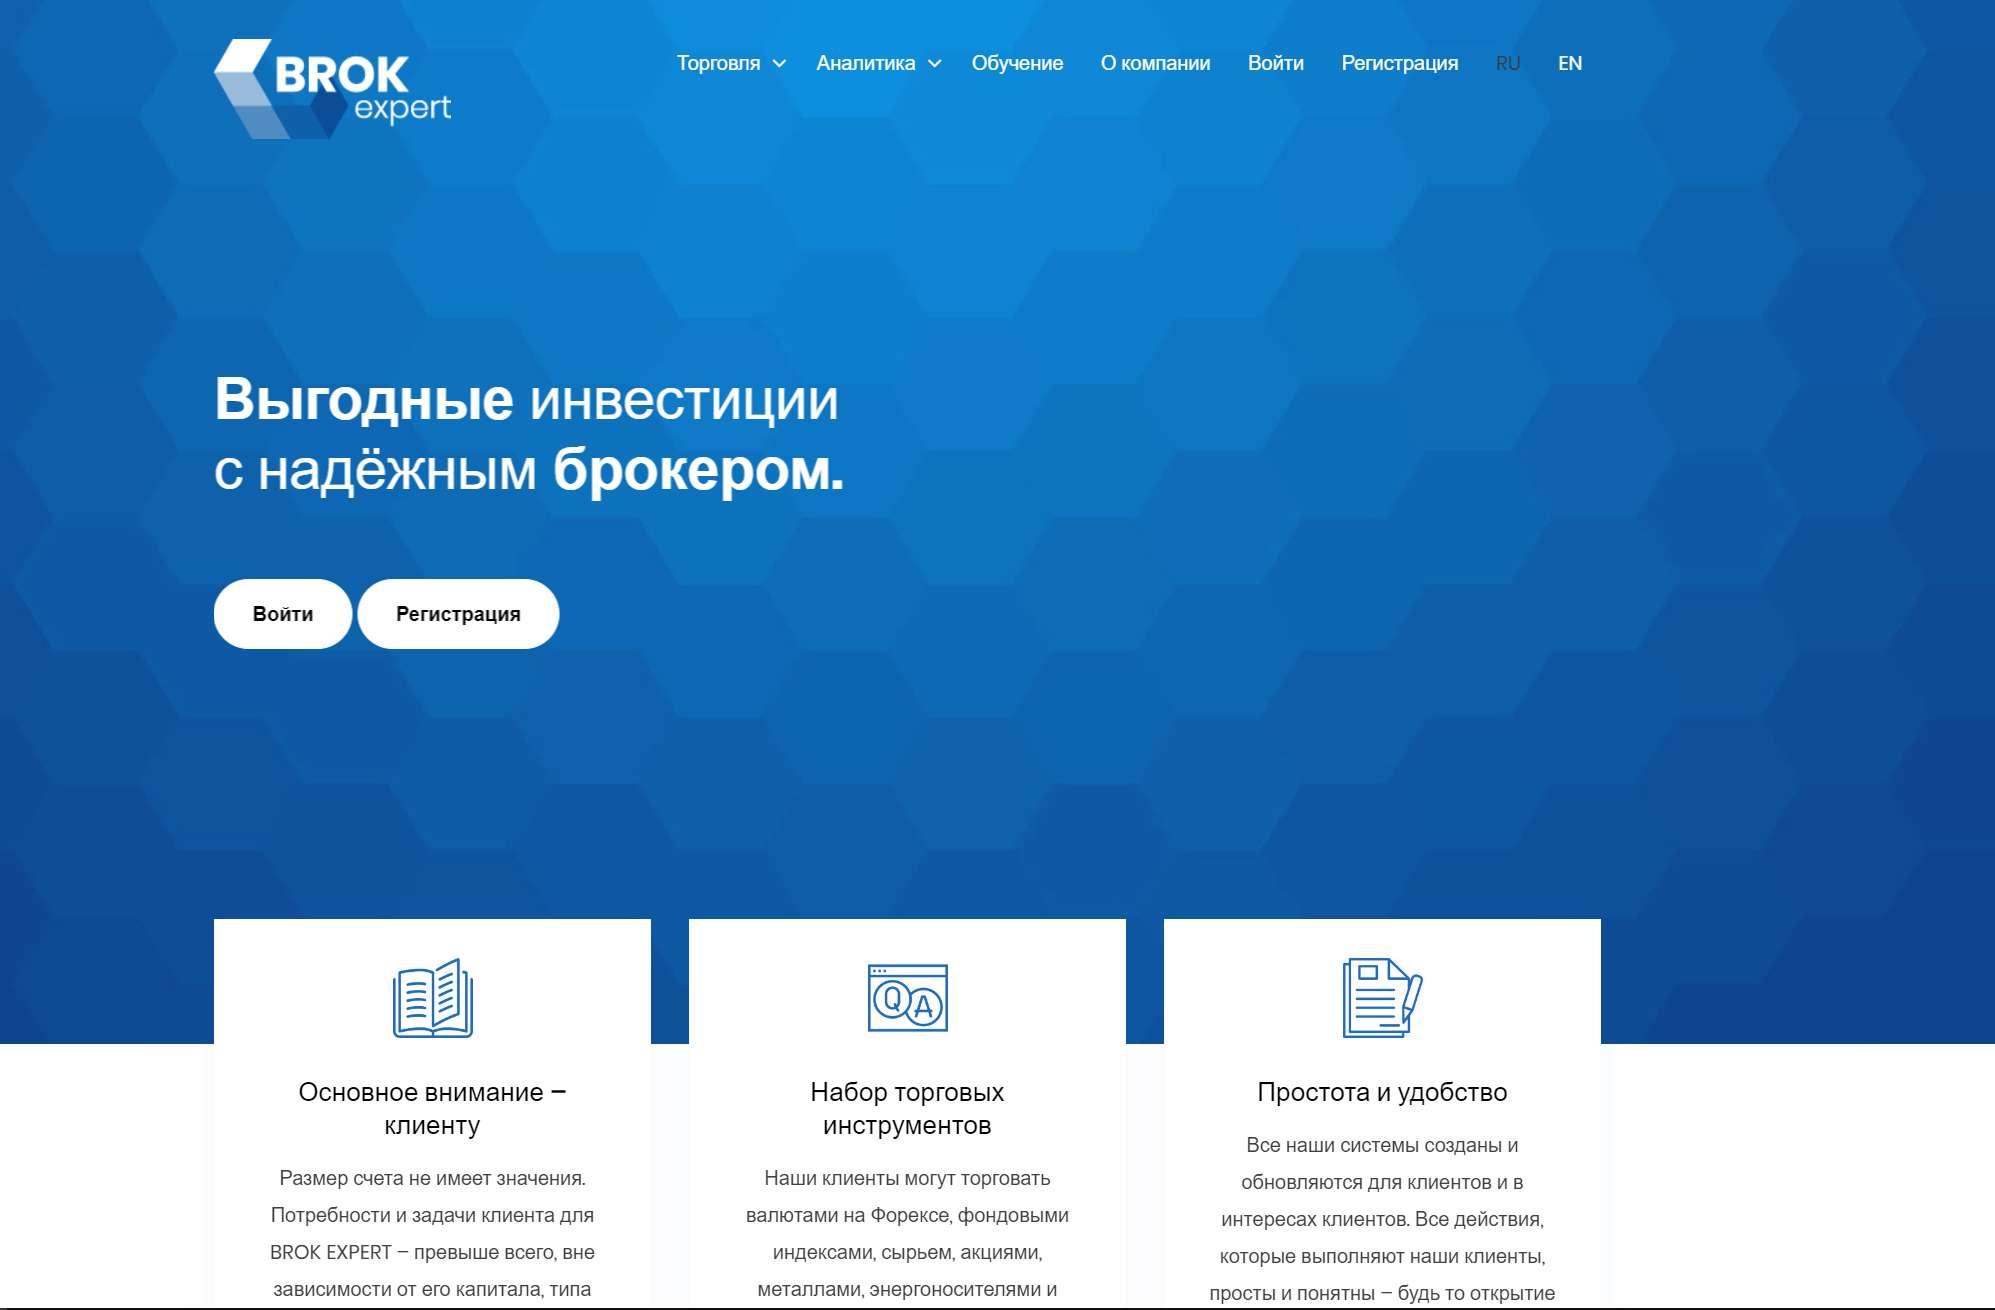 BrokExpert - очередной лохотрон на рынке Форекс. Отзывы и мнения о лжеброкере.